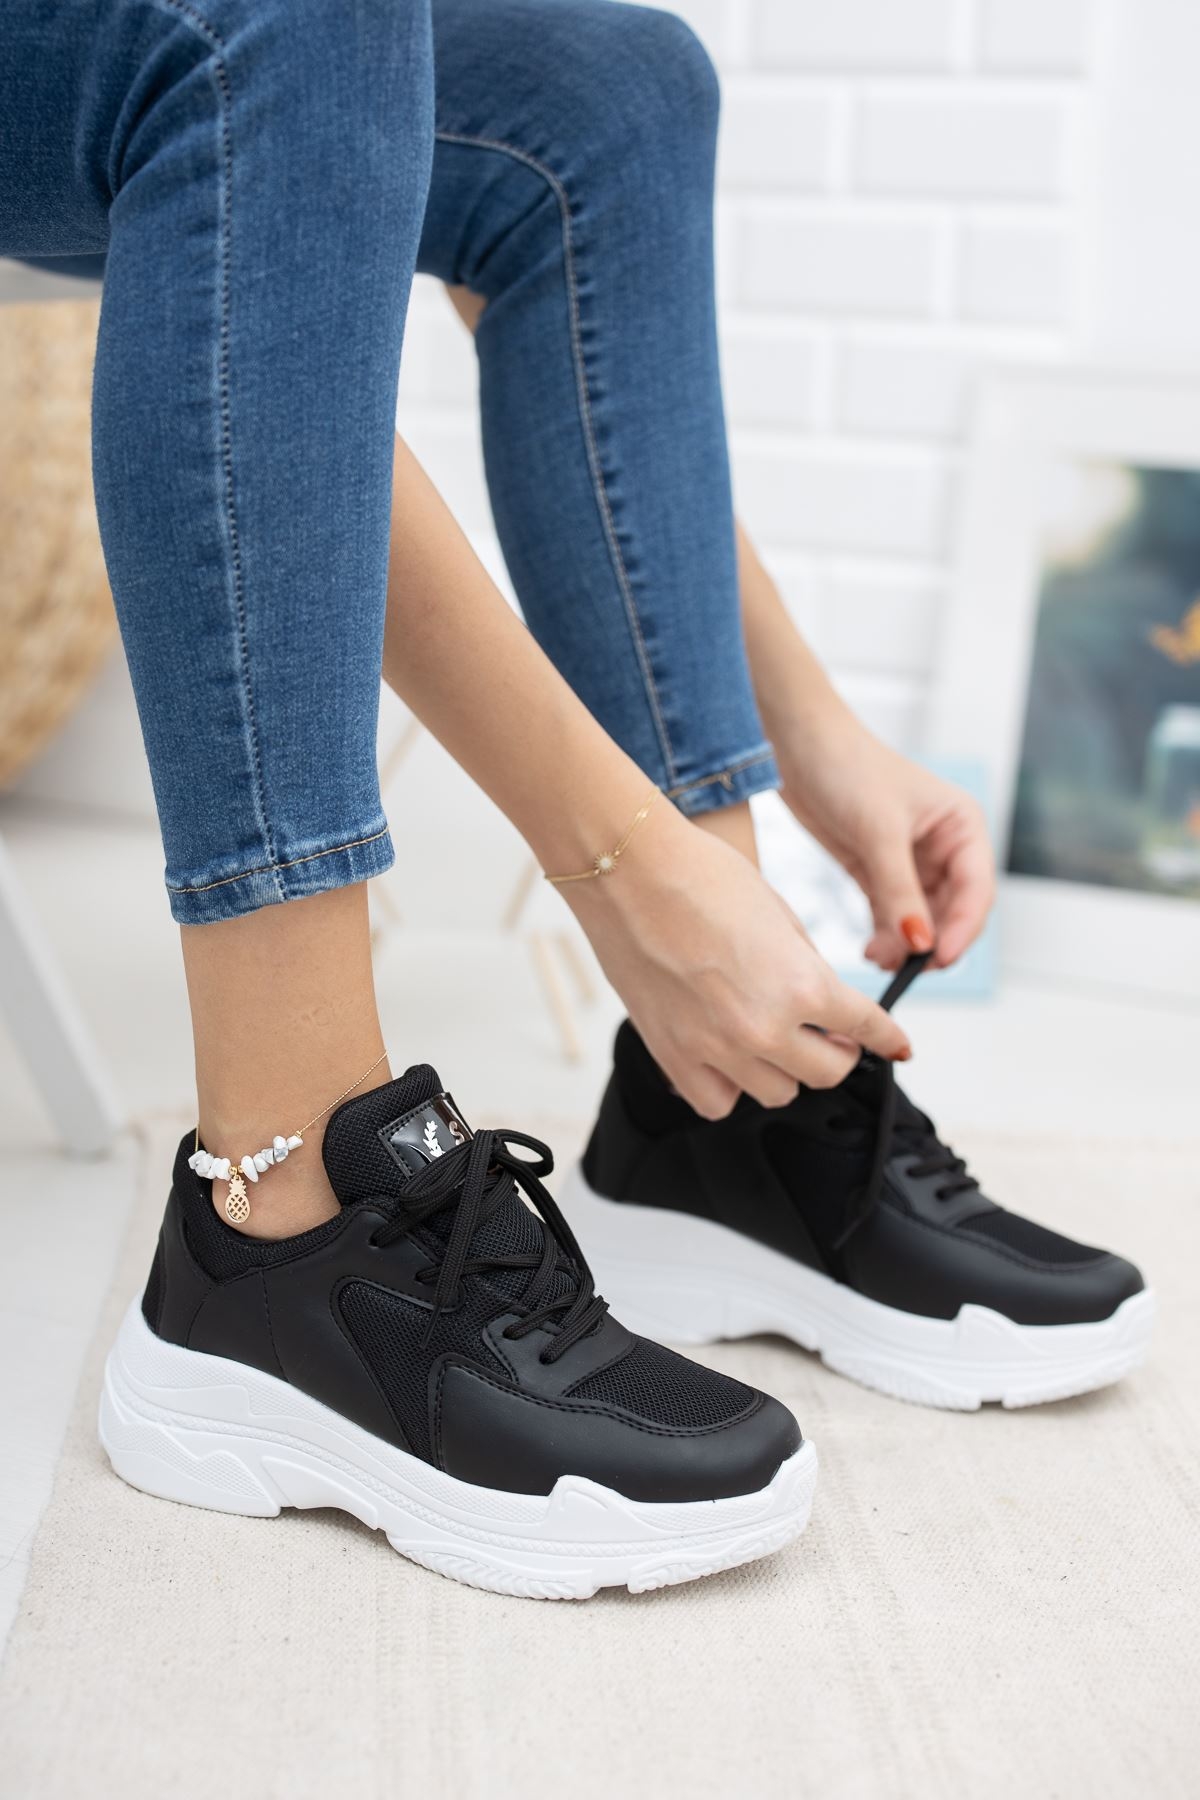 Loic  Siyaha Beyaz Taban Spor Ayakkabı